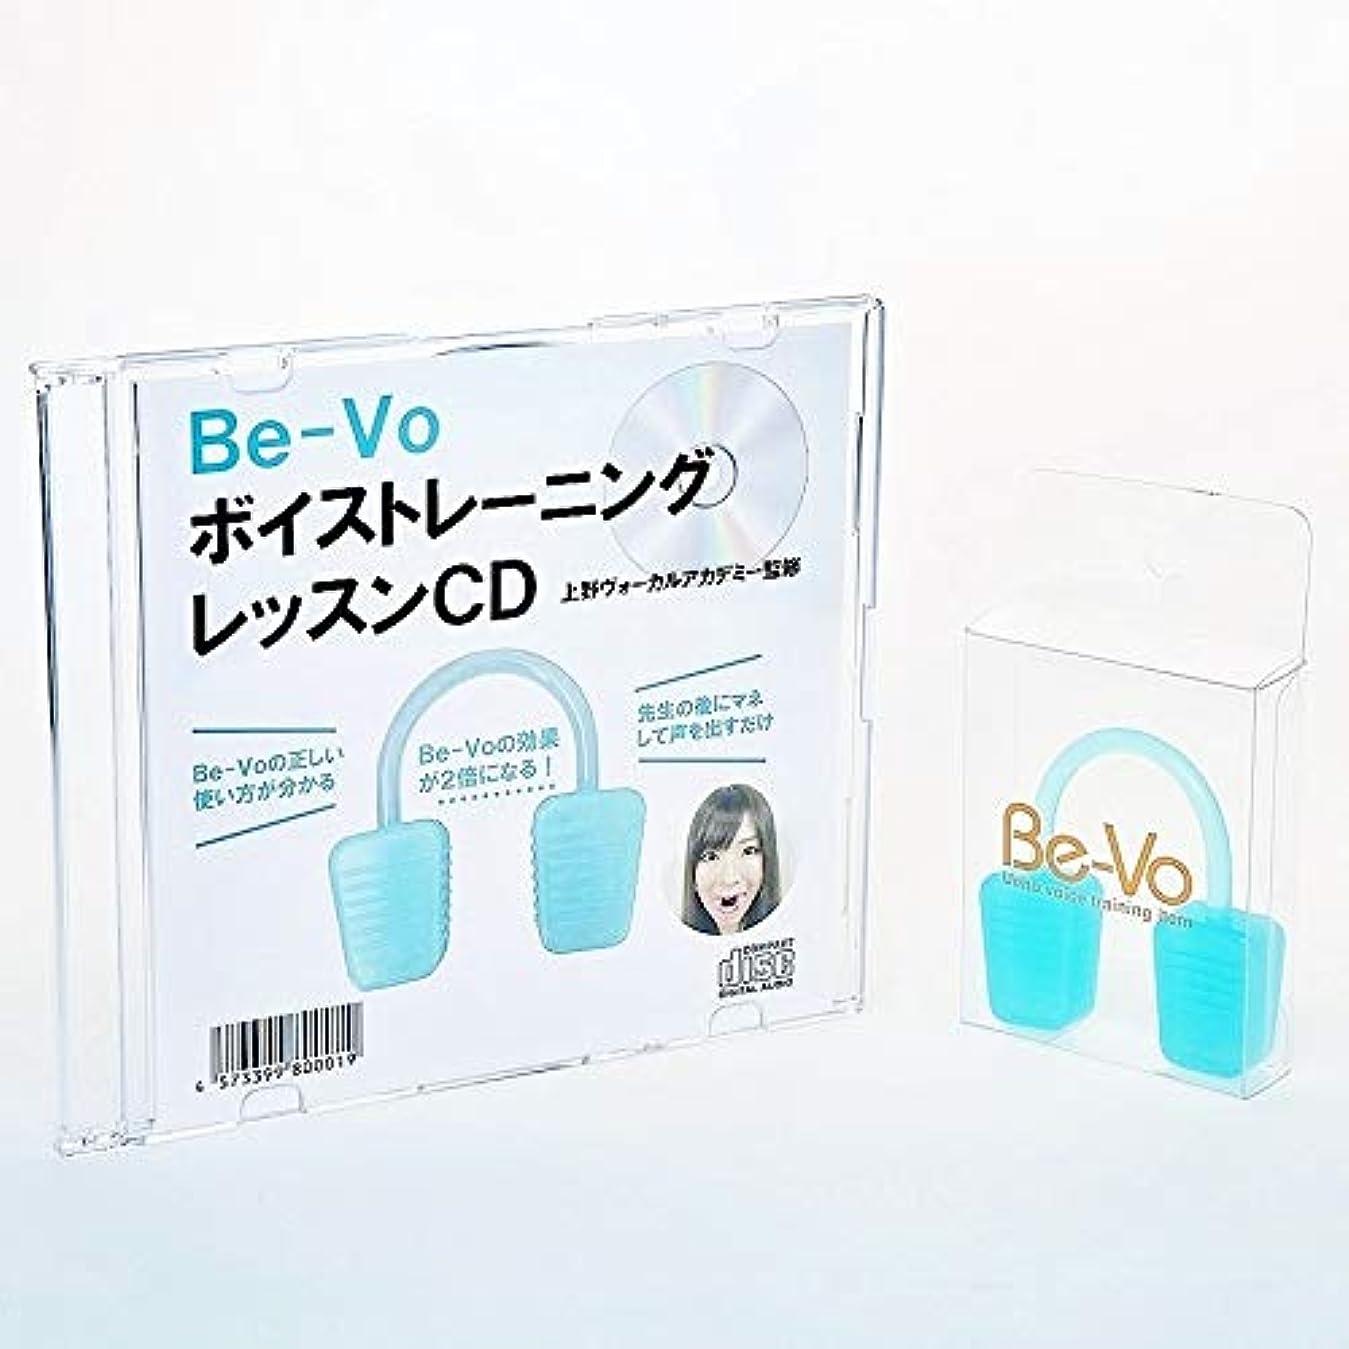 公使館神経彼のBe-Vo CD セット ブルー|ボイストレーニング器具Be-Vo(ビーボ)+Be-VoボイストレーニングレッスンCD2点セット